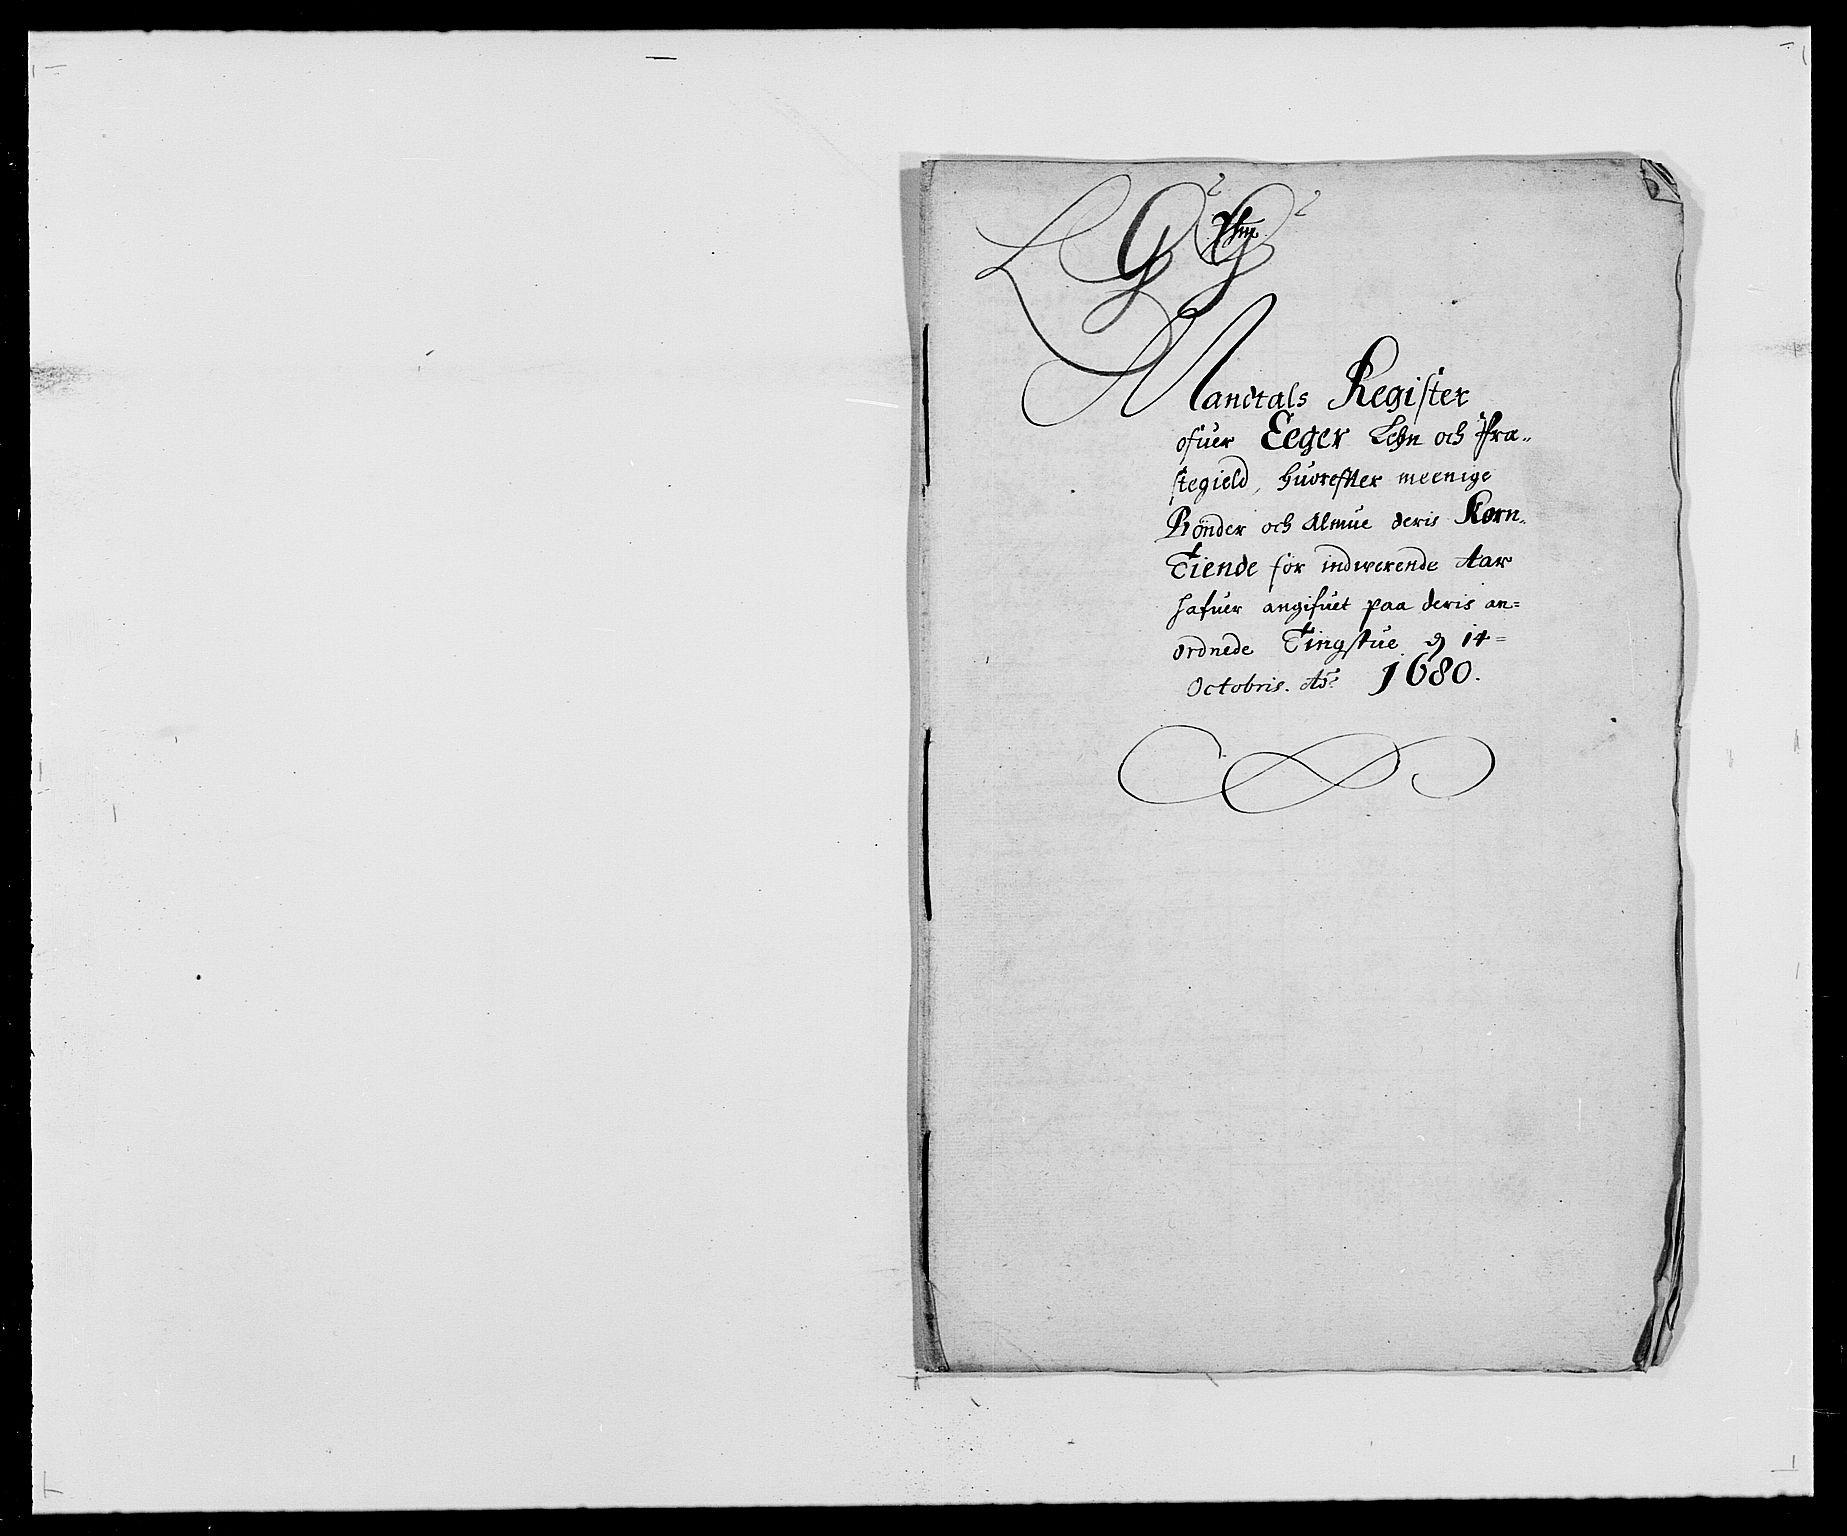 RA, Rentekammeret inntil 1814, Reviderte regnskaper, Fogderegnskap, R26/L1684: Fogderegnskap Eiker, 1679-1686, s. 105